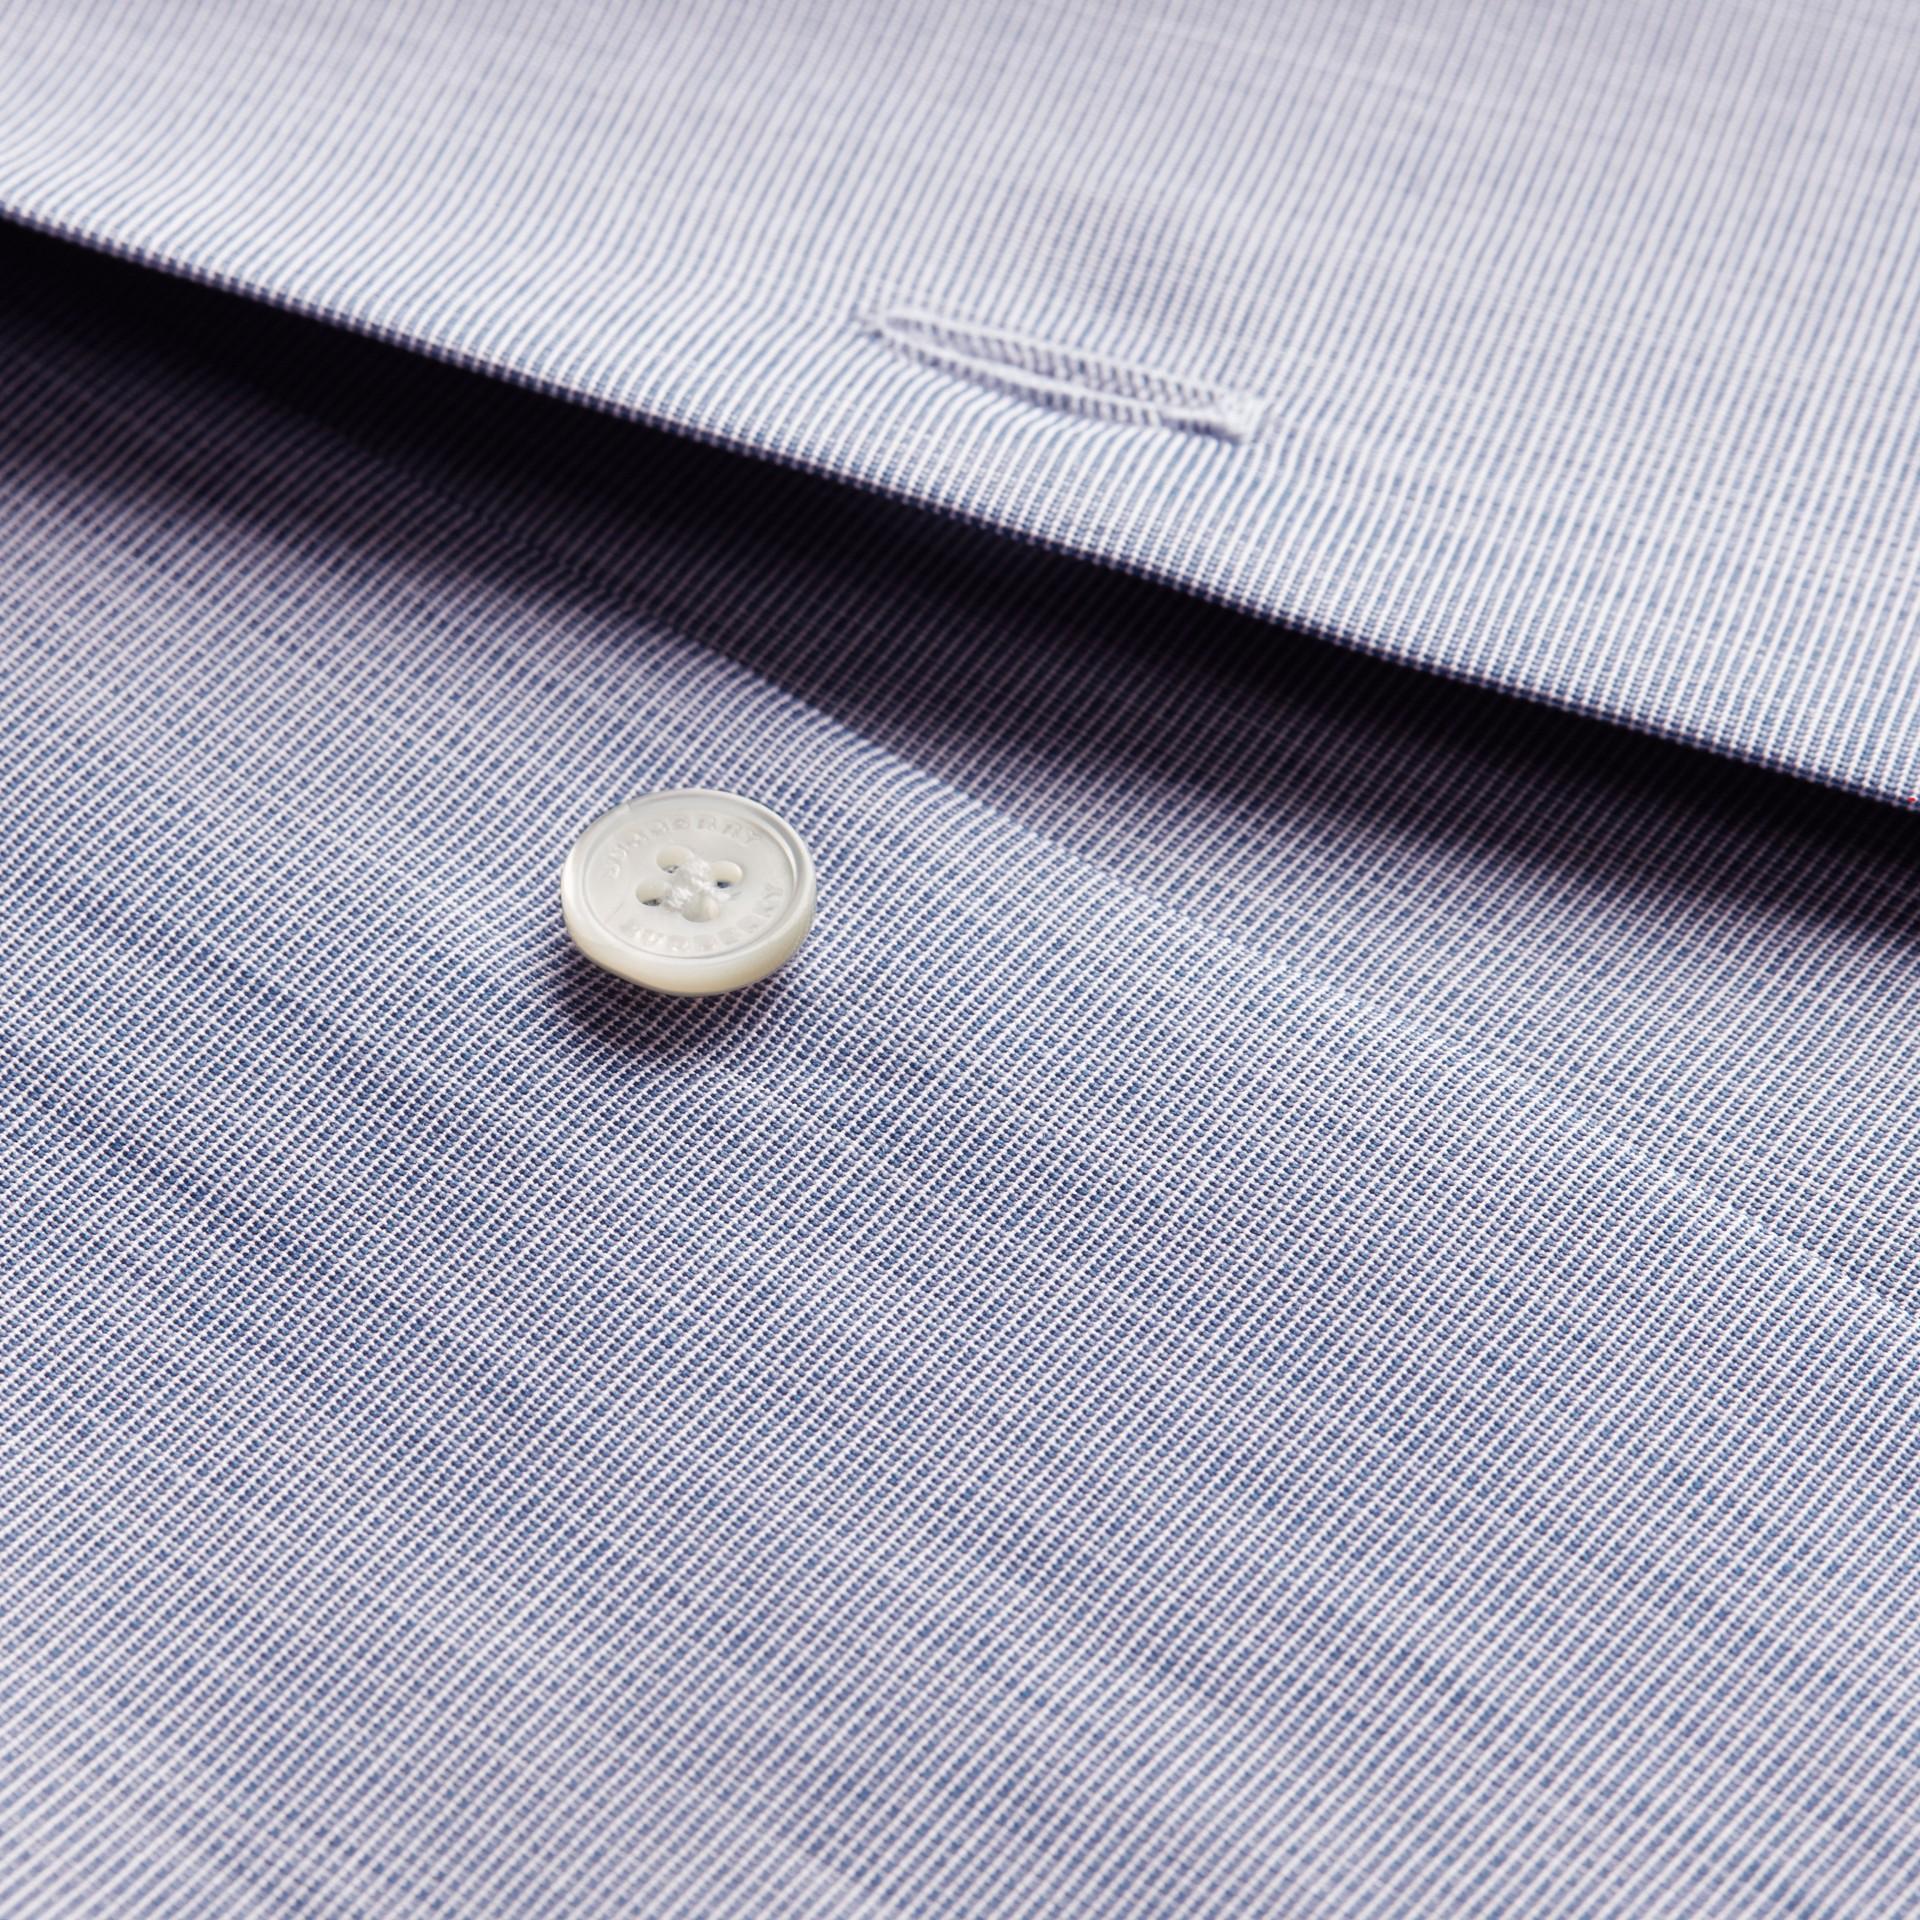 Light blue Camisa de mescla de algodão Light Blue - galeria de imagens 2